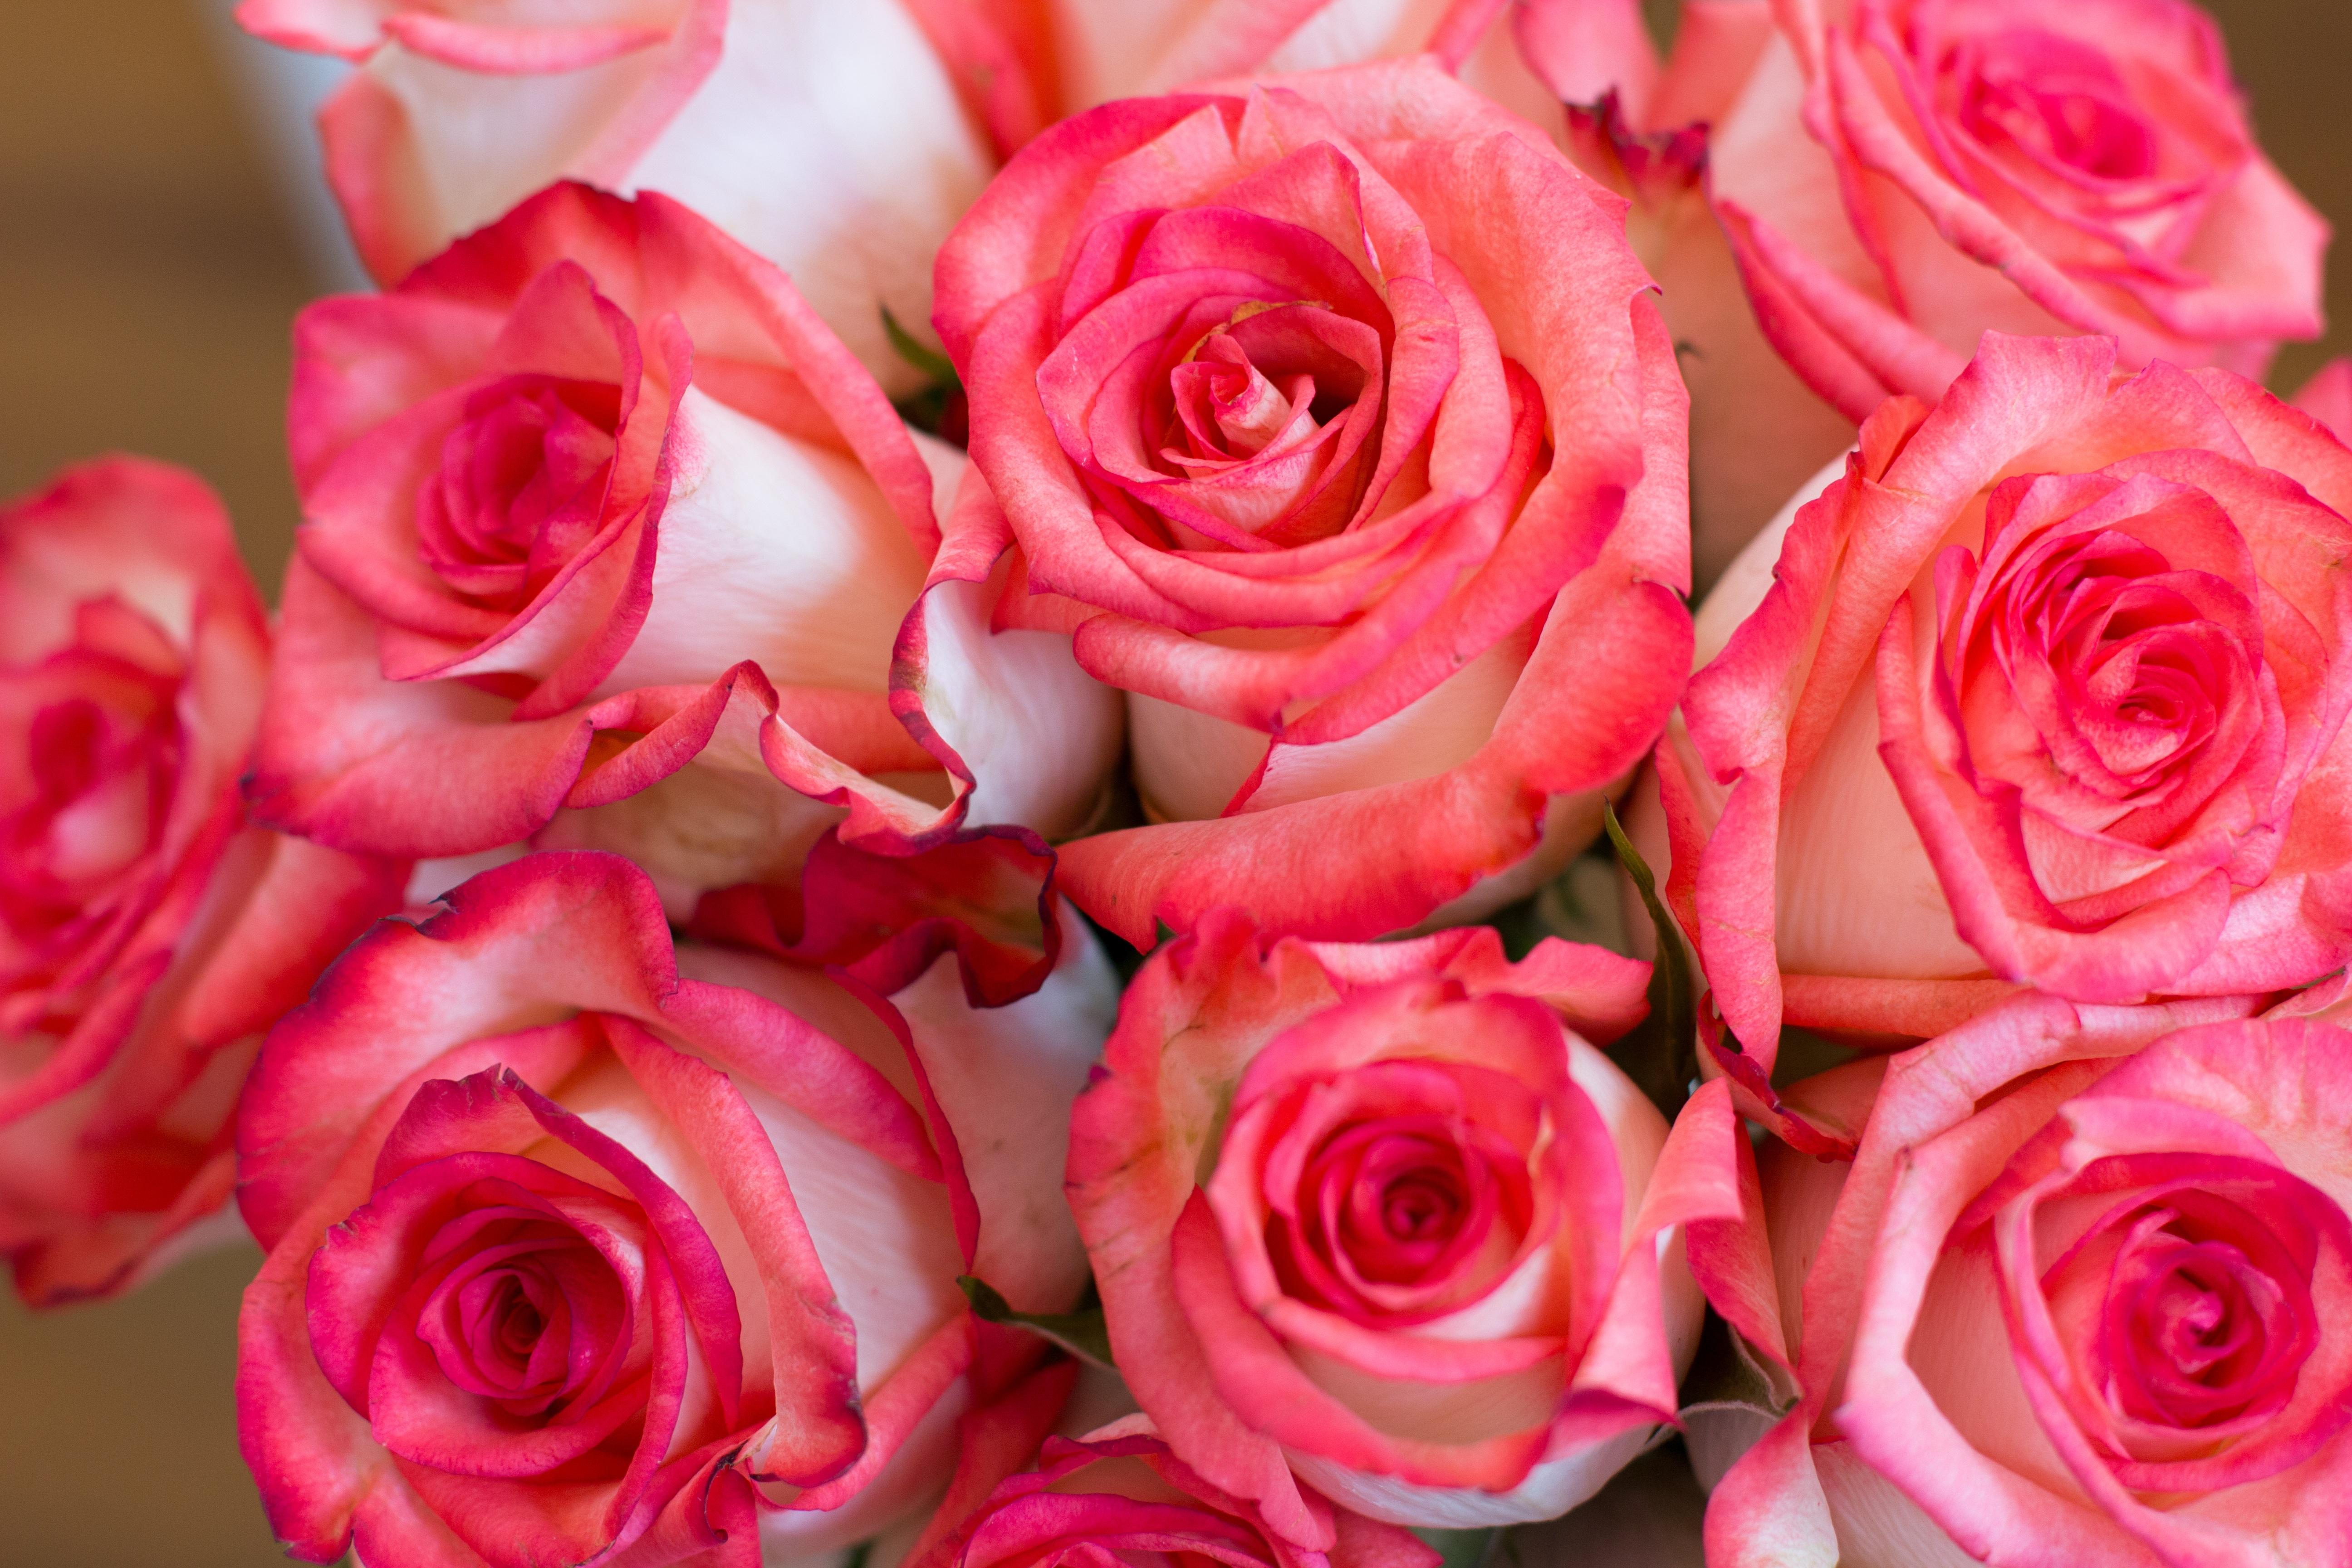 gratis afbeeldingen   fabriek  bloem  bloemblad  roos  rood  rozen  bloemisterij  floribunda